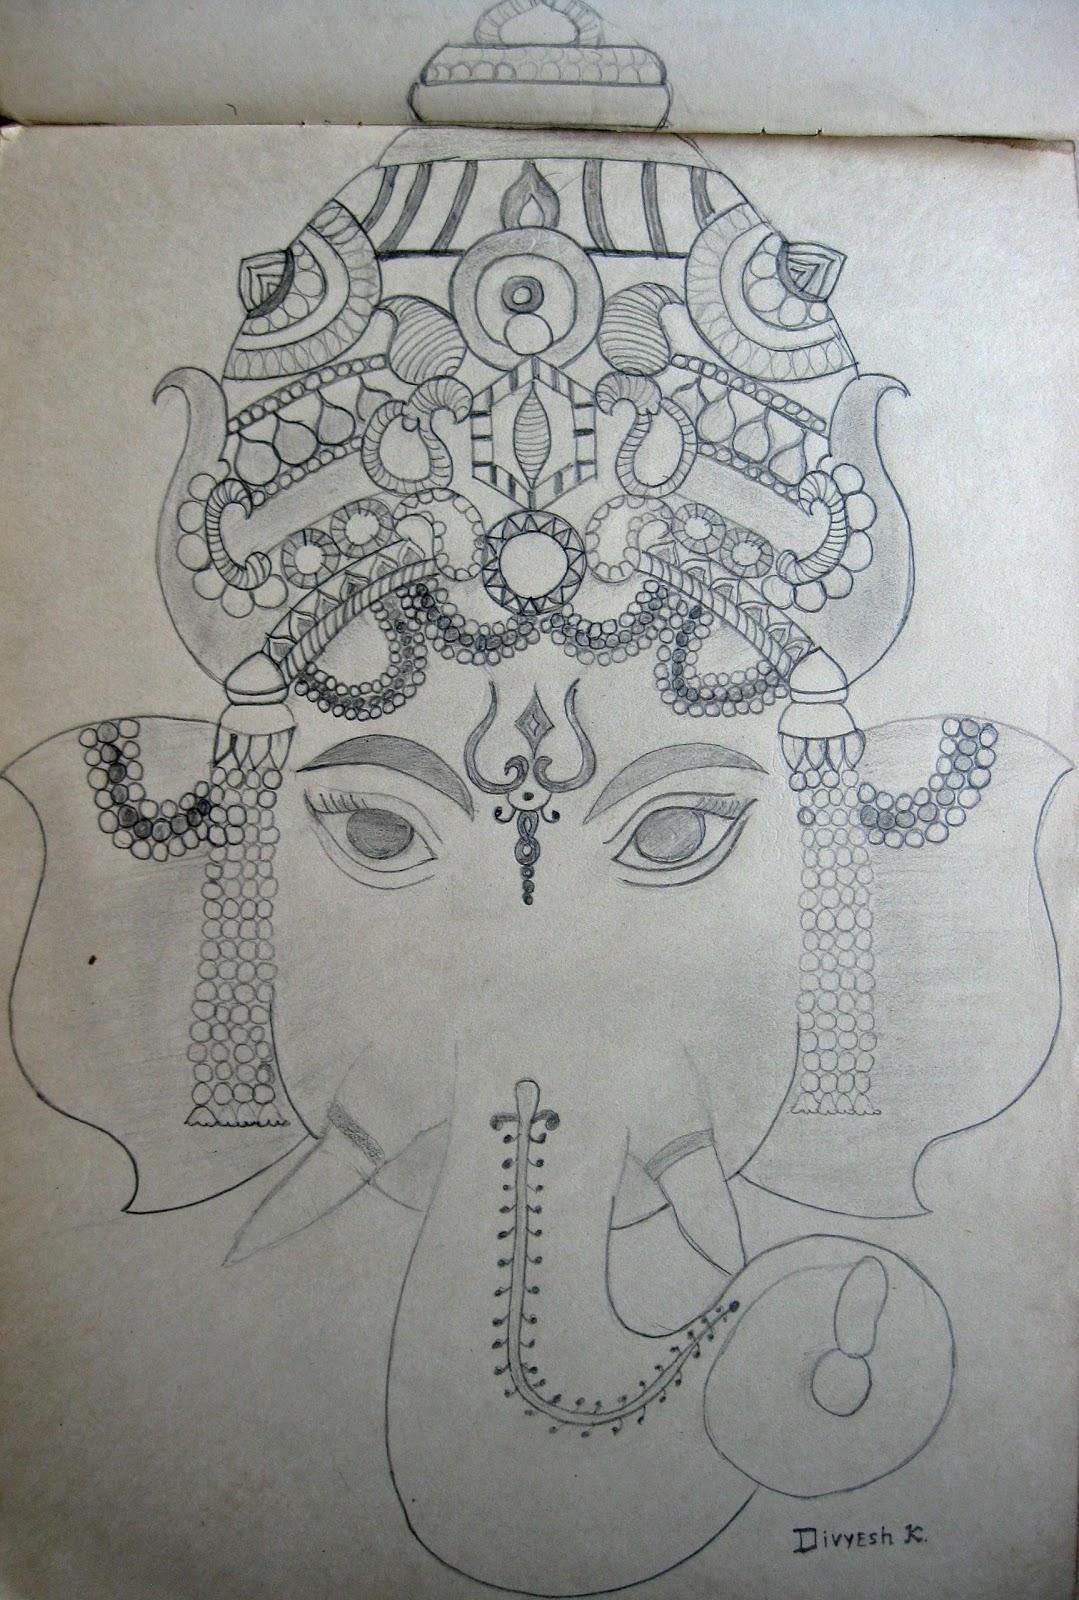 Lord ganesha sketch by divyesh lappawala